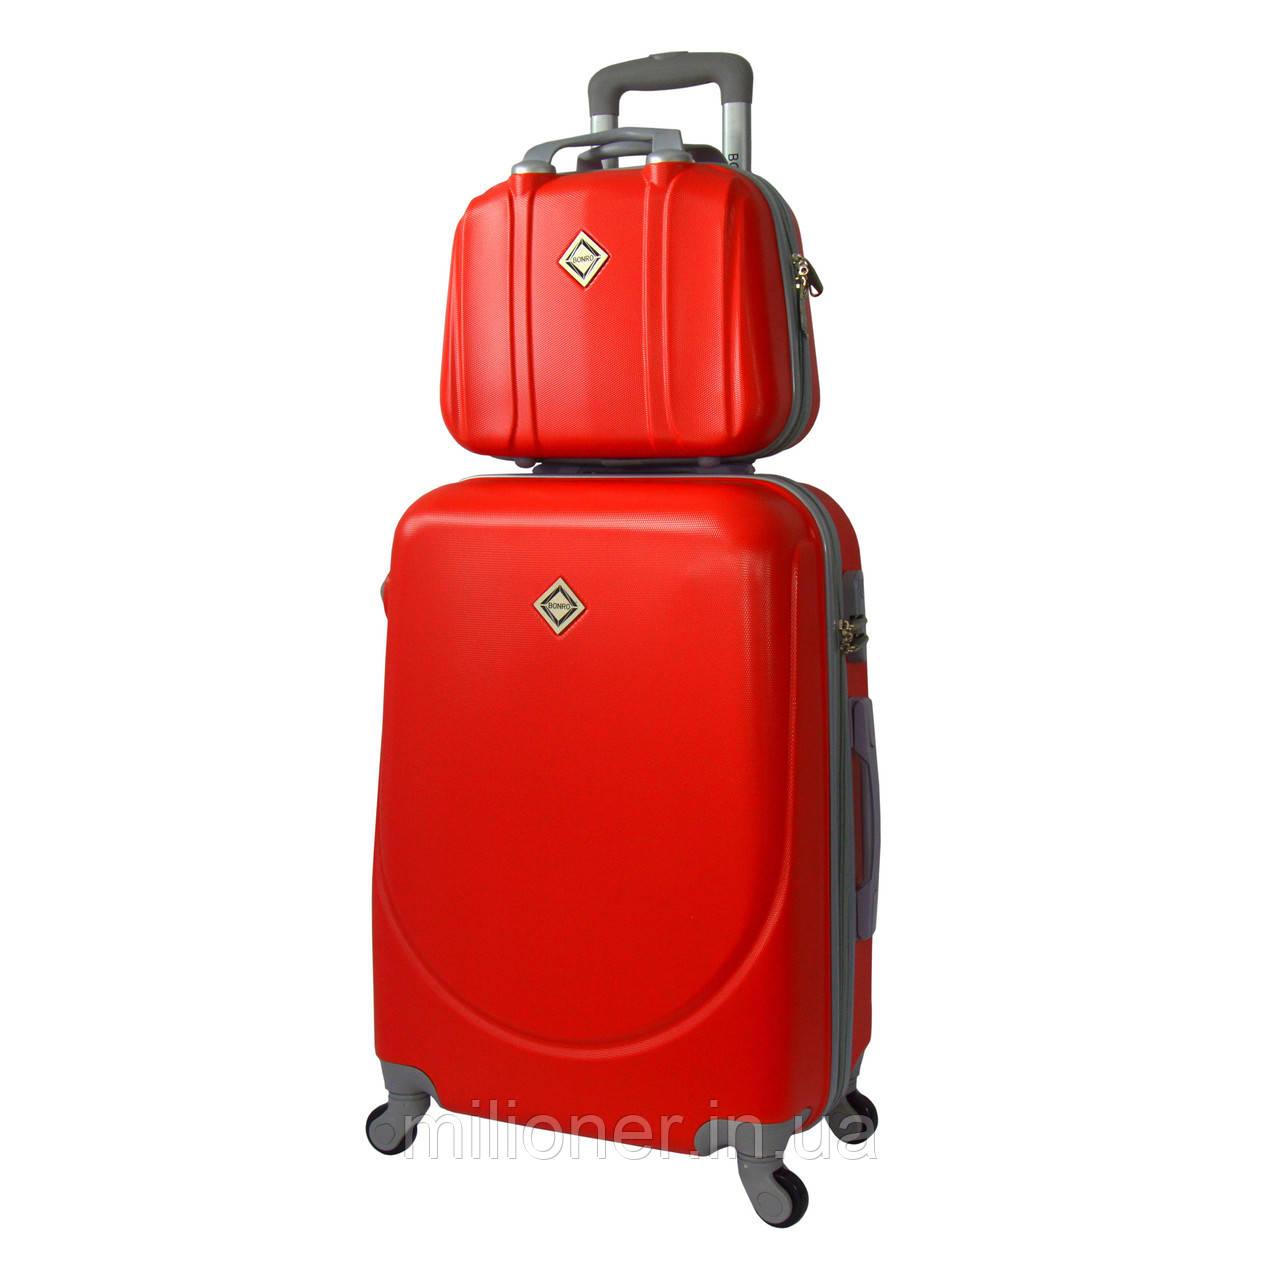 Комплект чемодан + кейс Bonro Smile (небольшой) красный